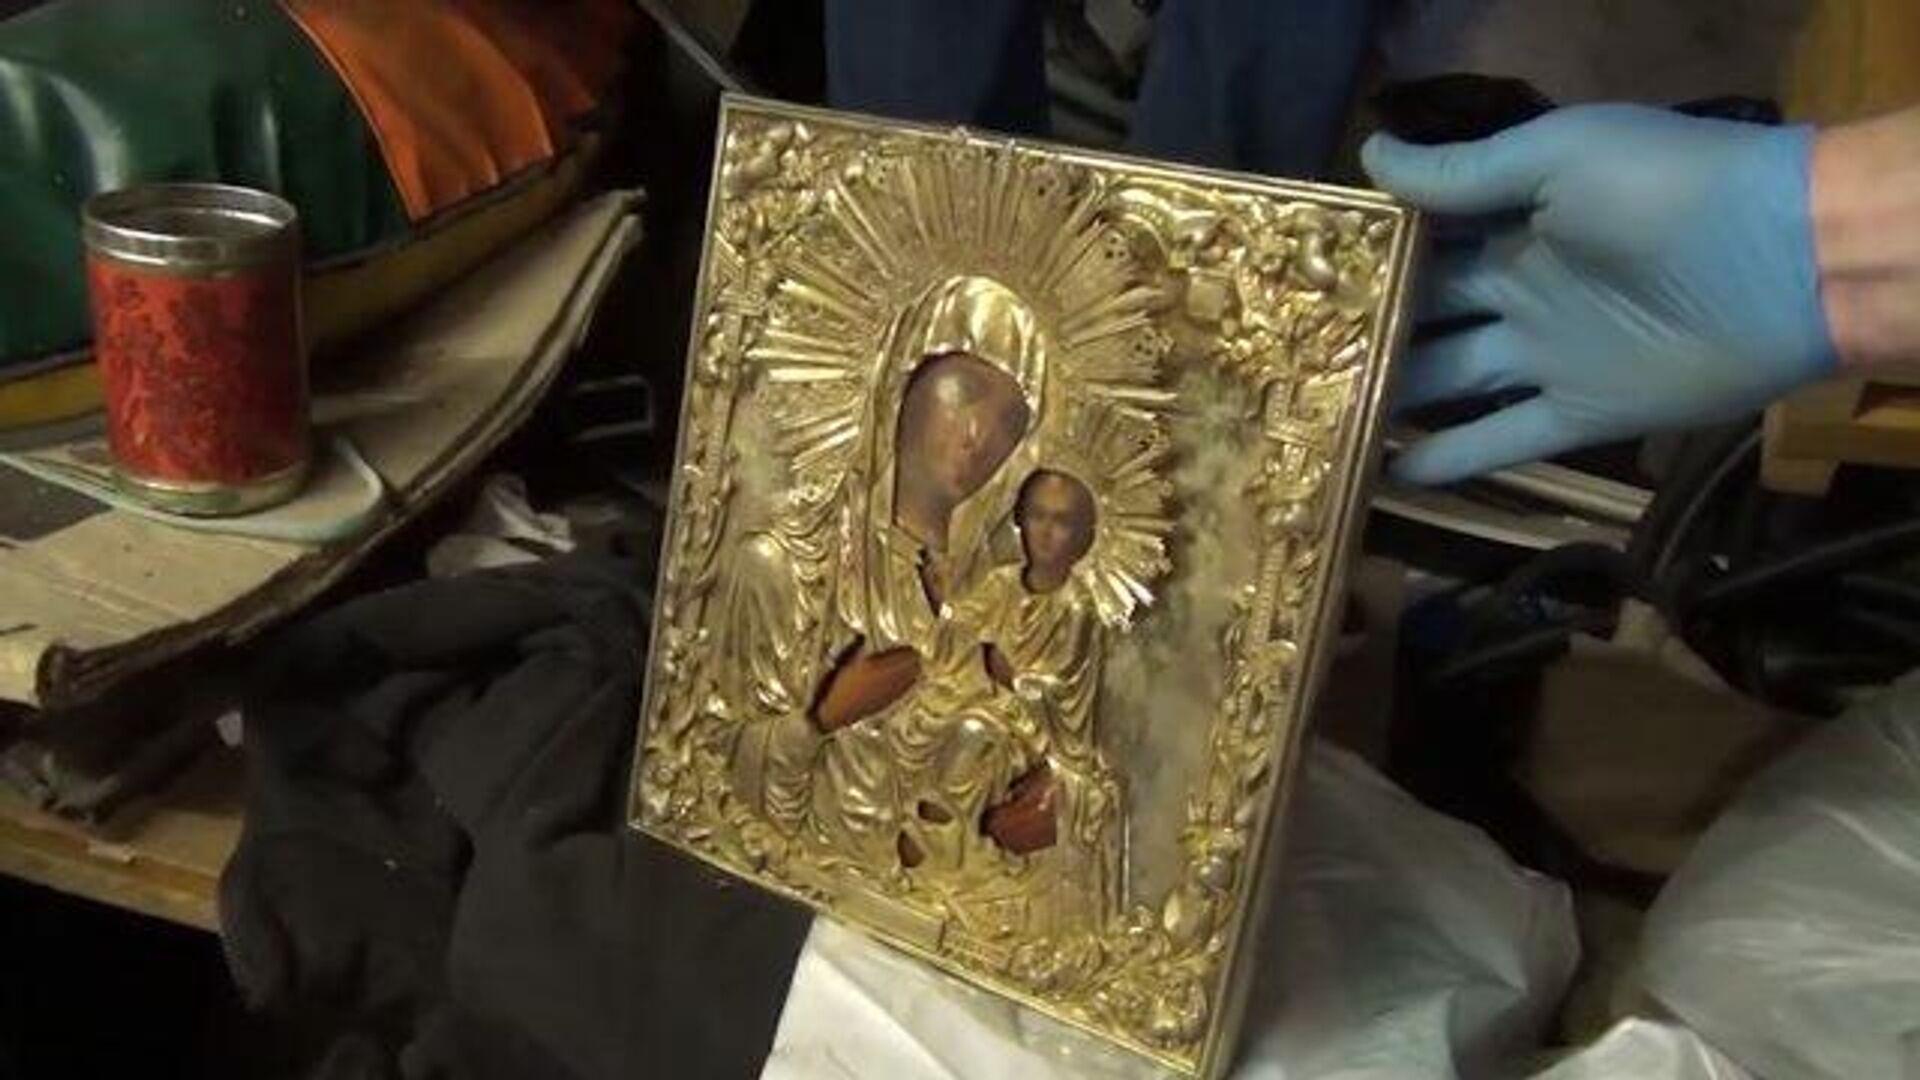 Воры выкинули украденную из храма икону в новой Москве, забрав золото